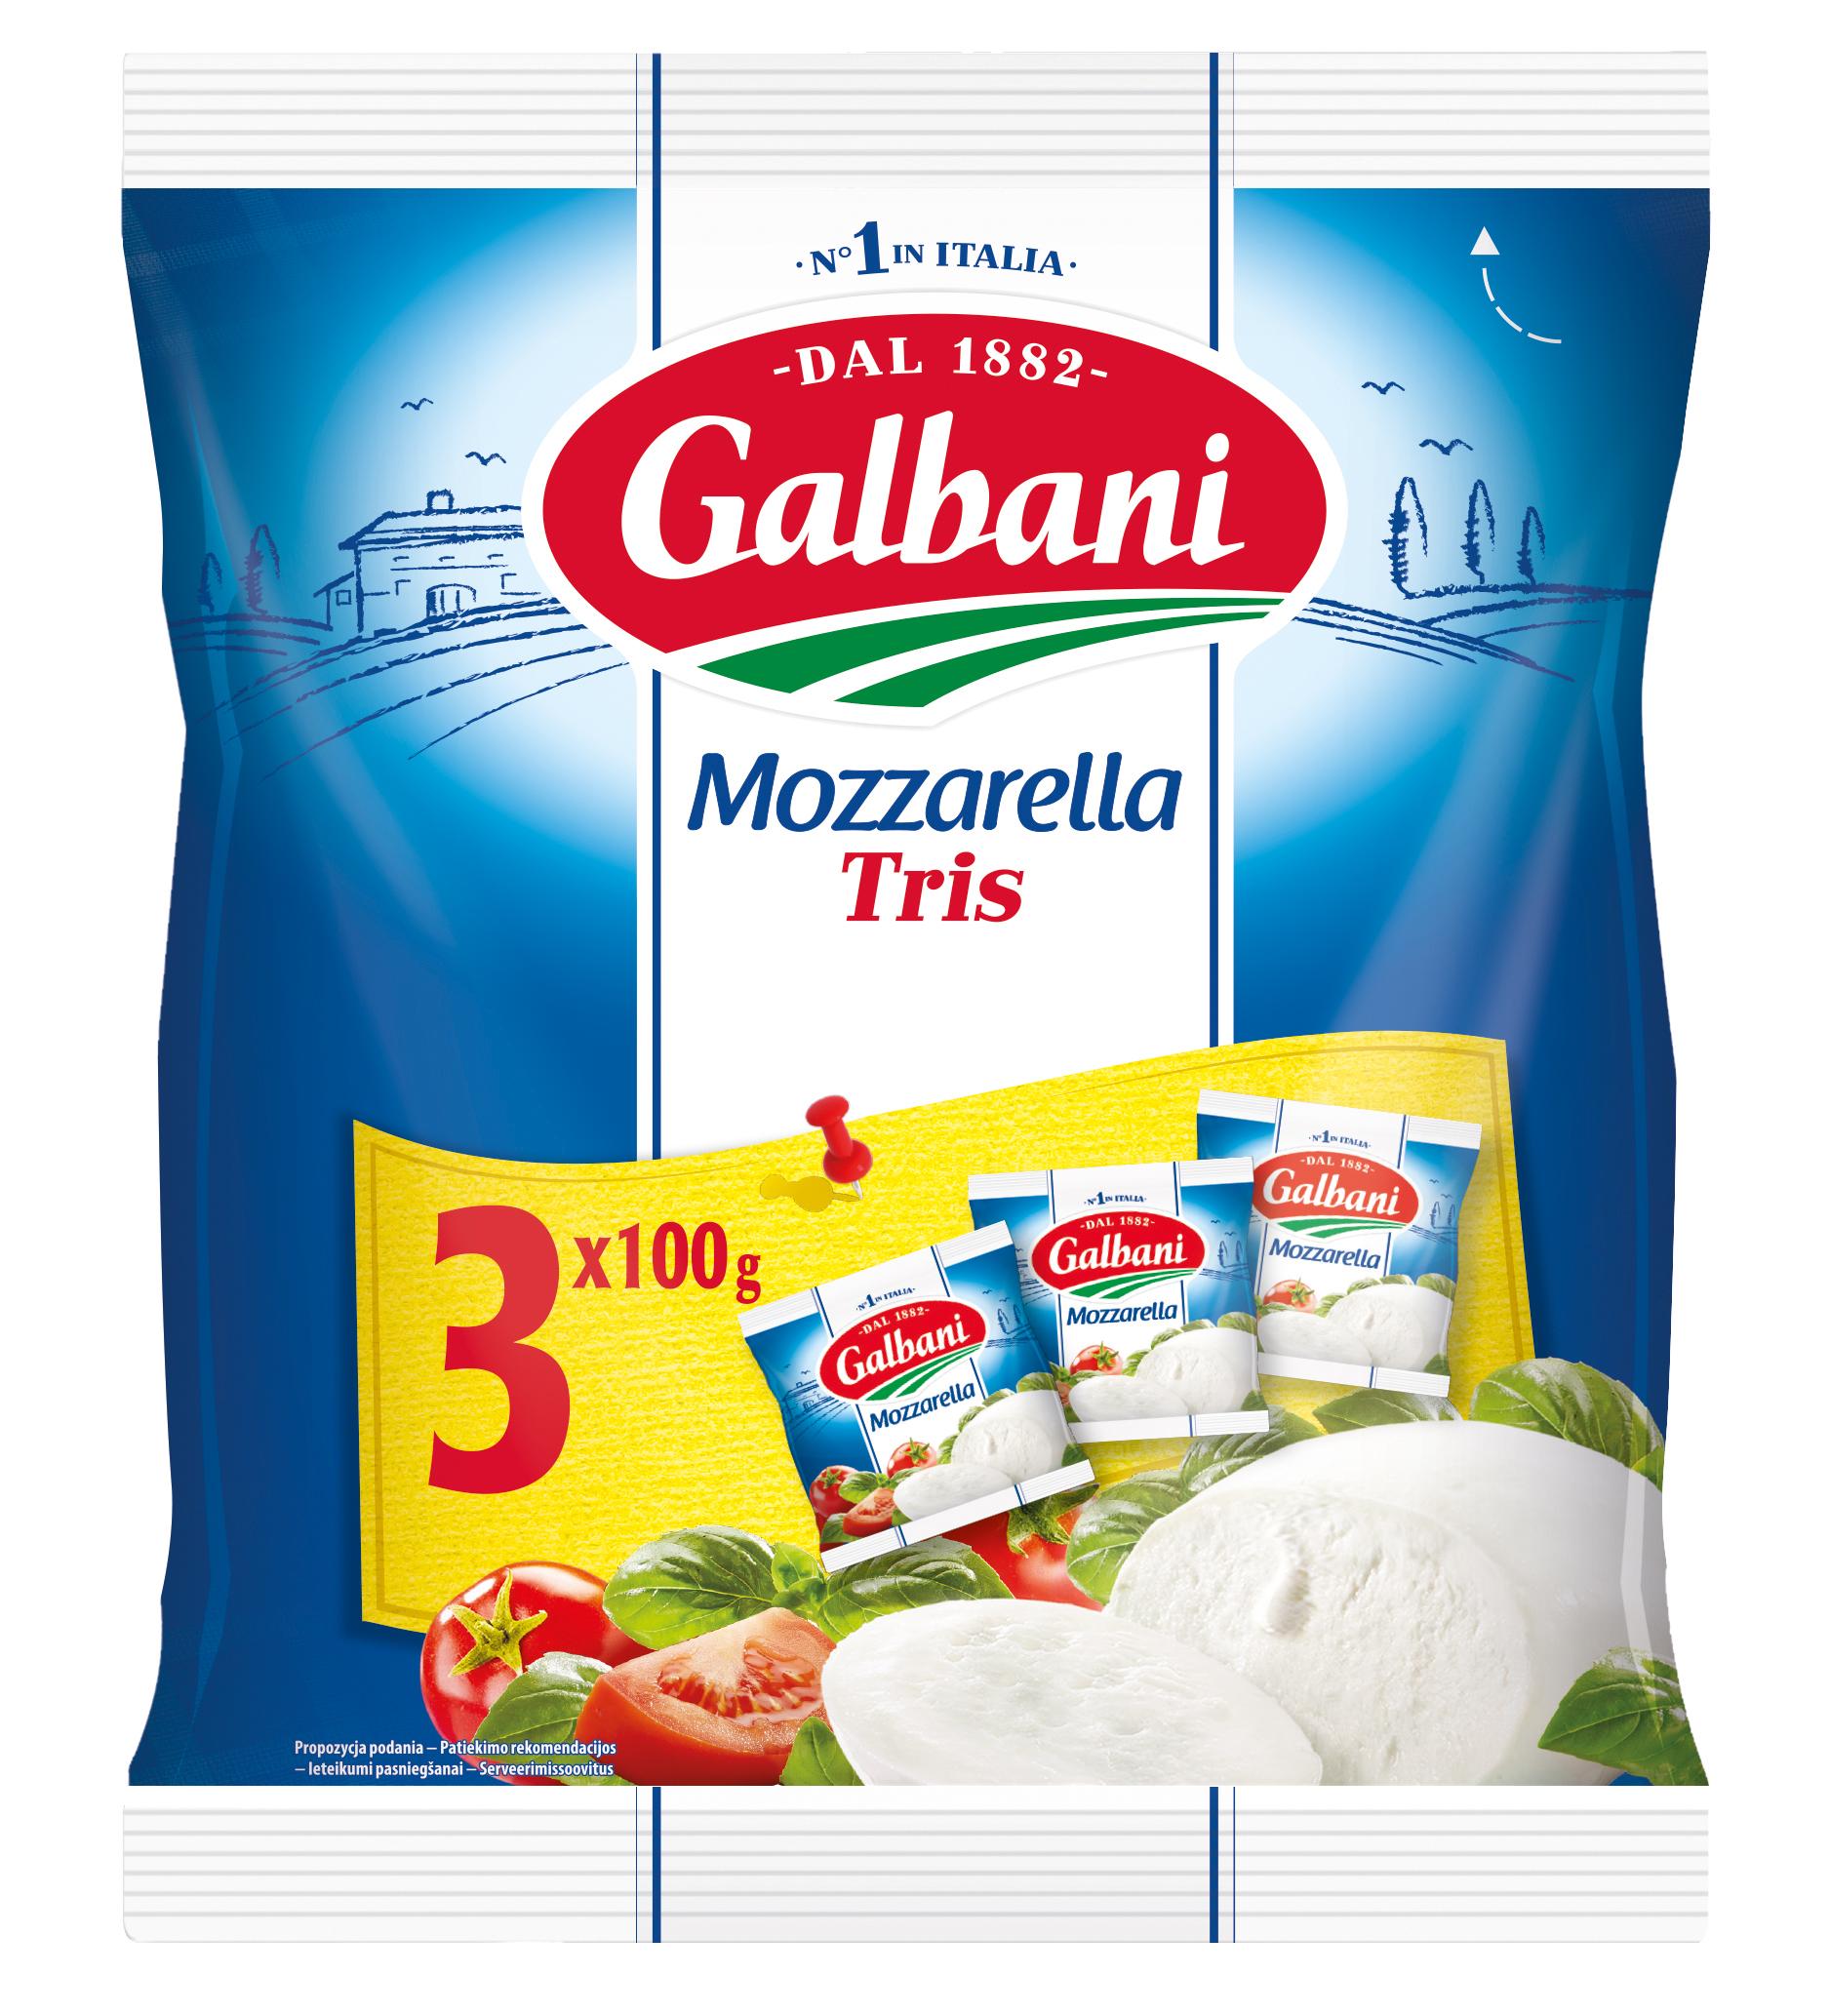 Galbani Mozzarella Tris 3x100g - Galbani